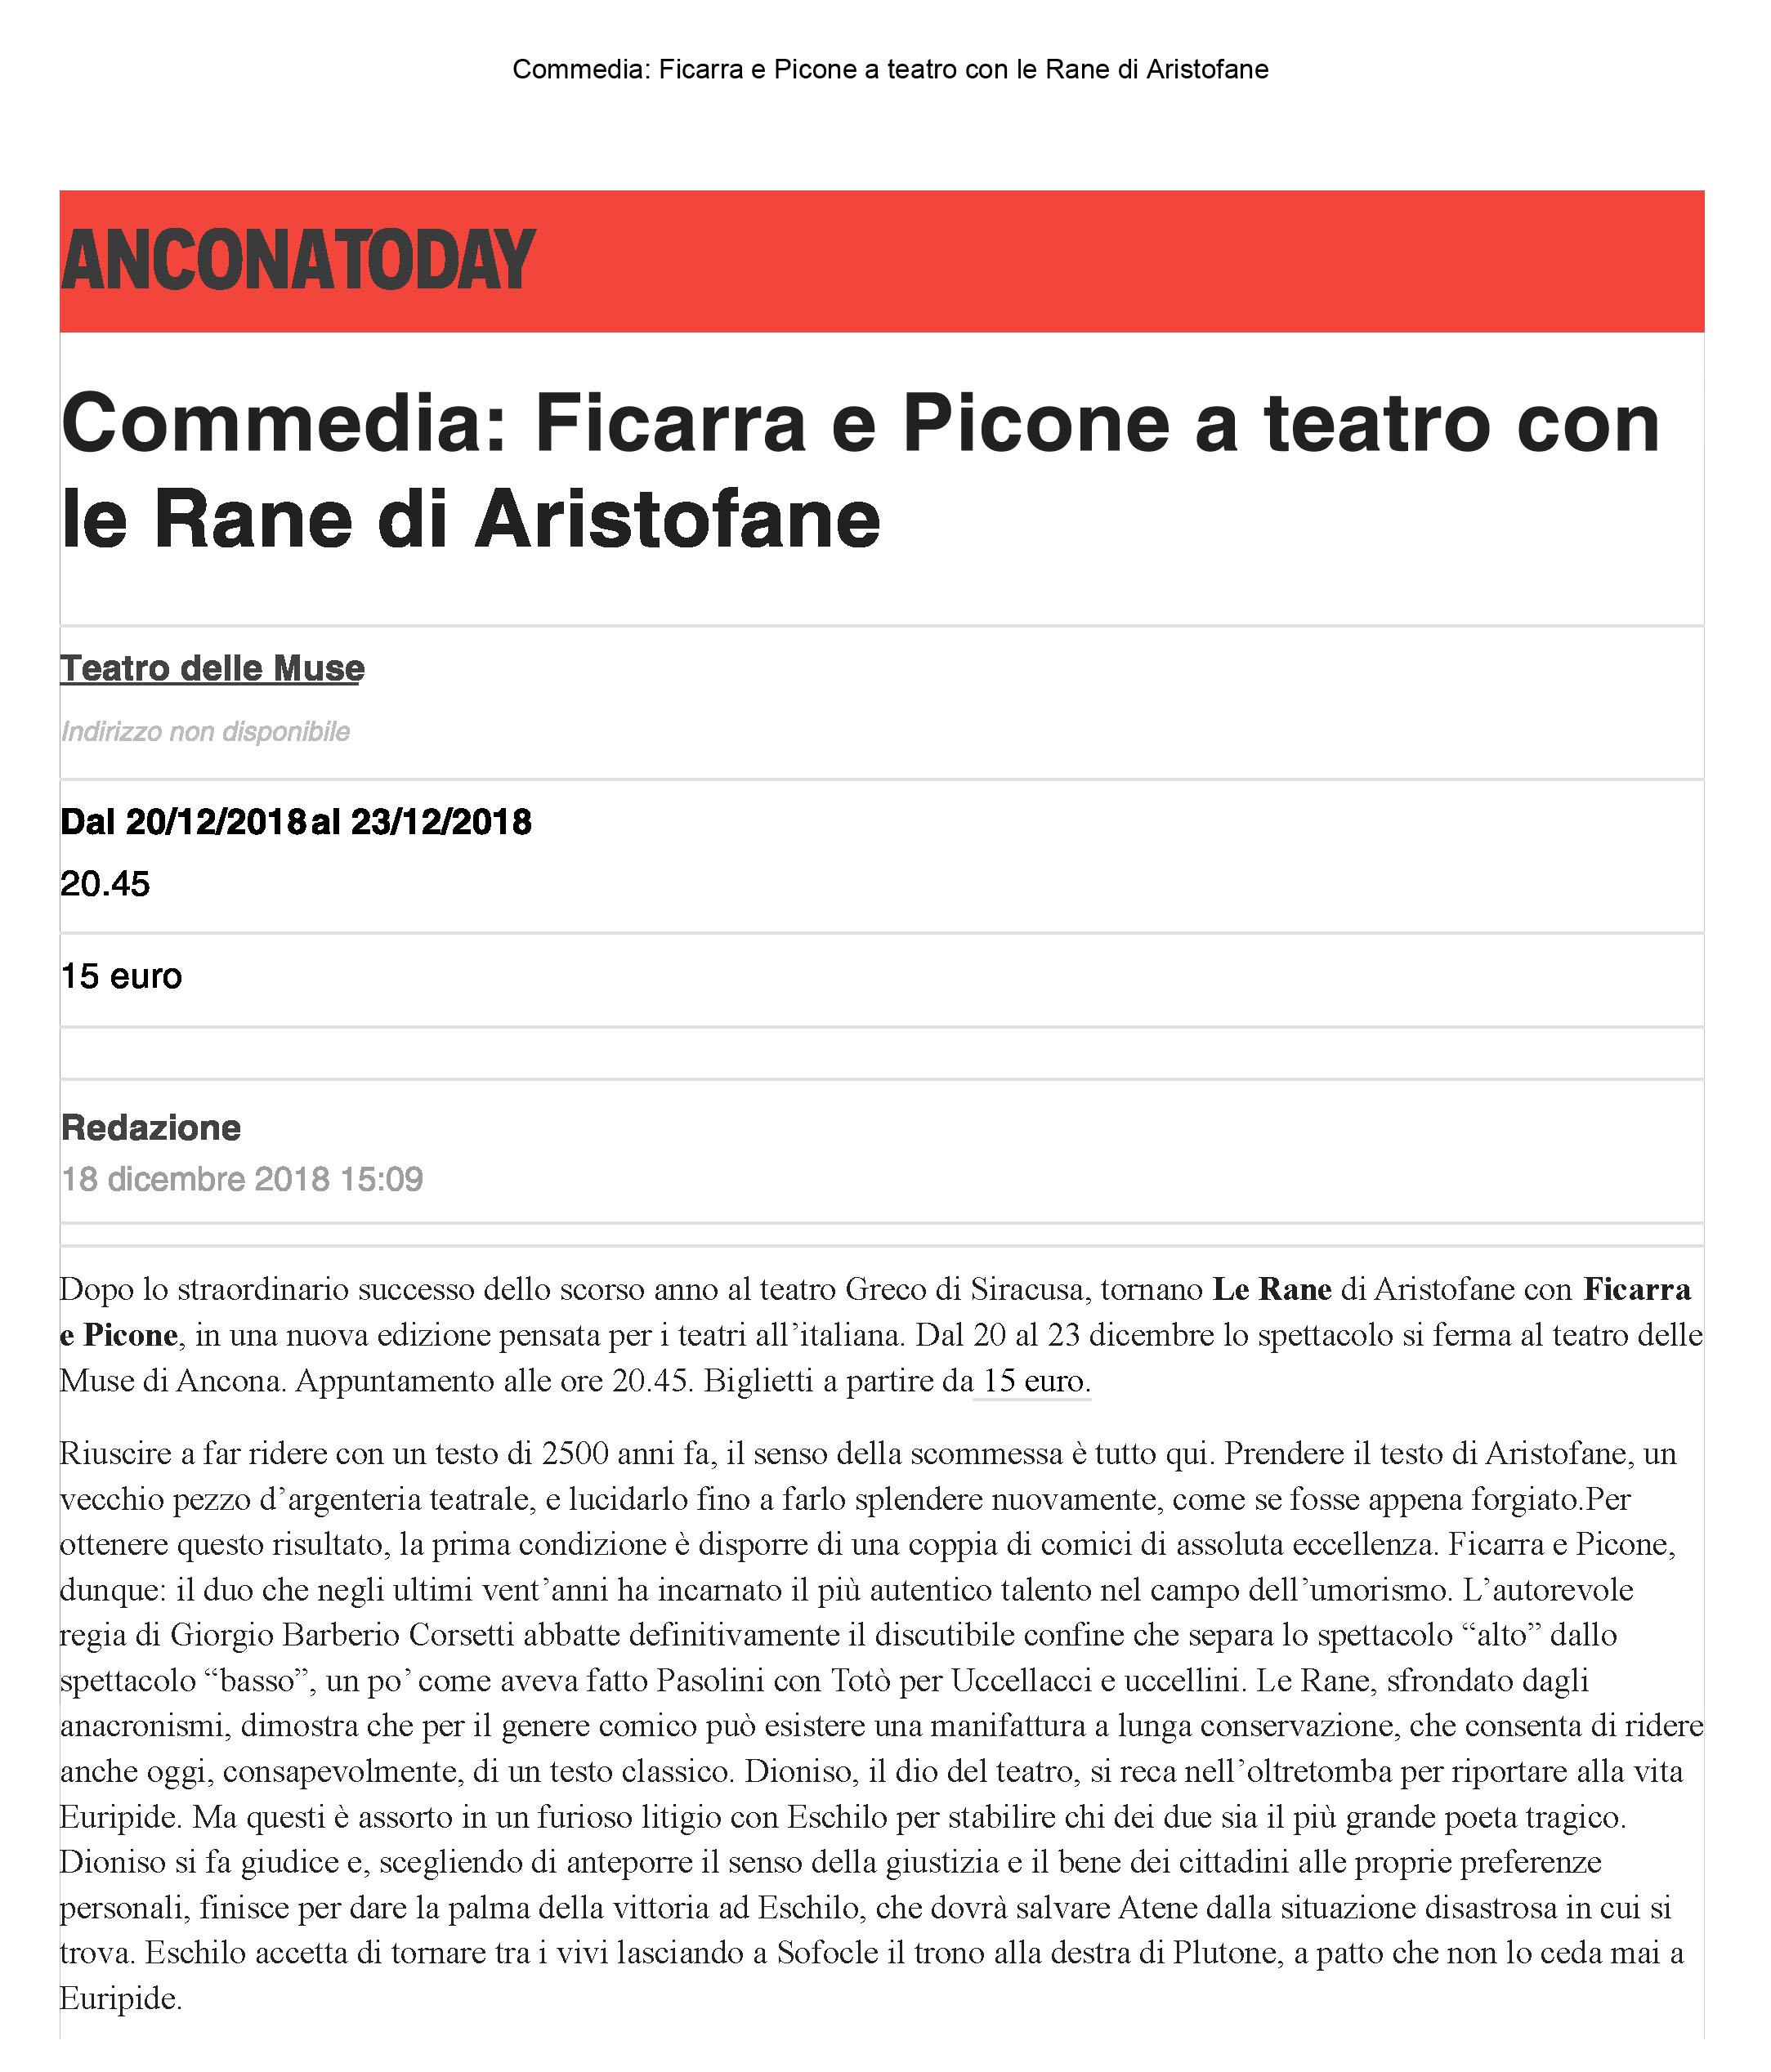 18 dic. 2018 | Commedia: Ficarra e Picone a teatro con le Rane di  Aristofane – AnconaToday – marche teatro